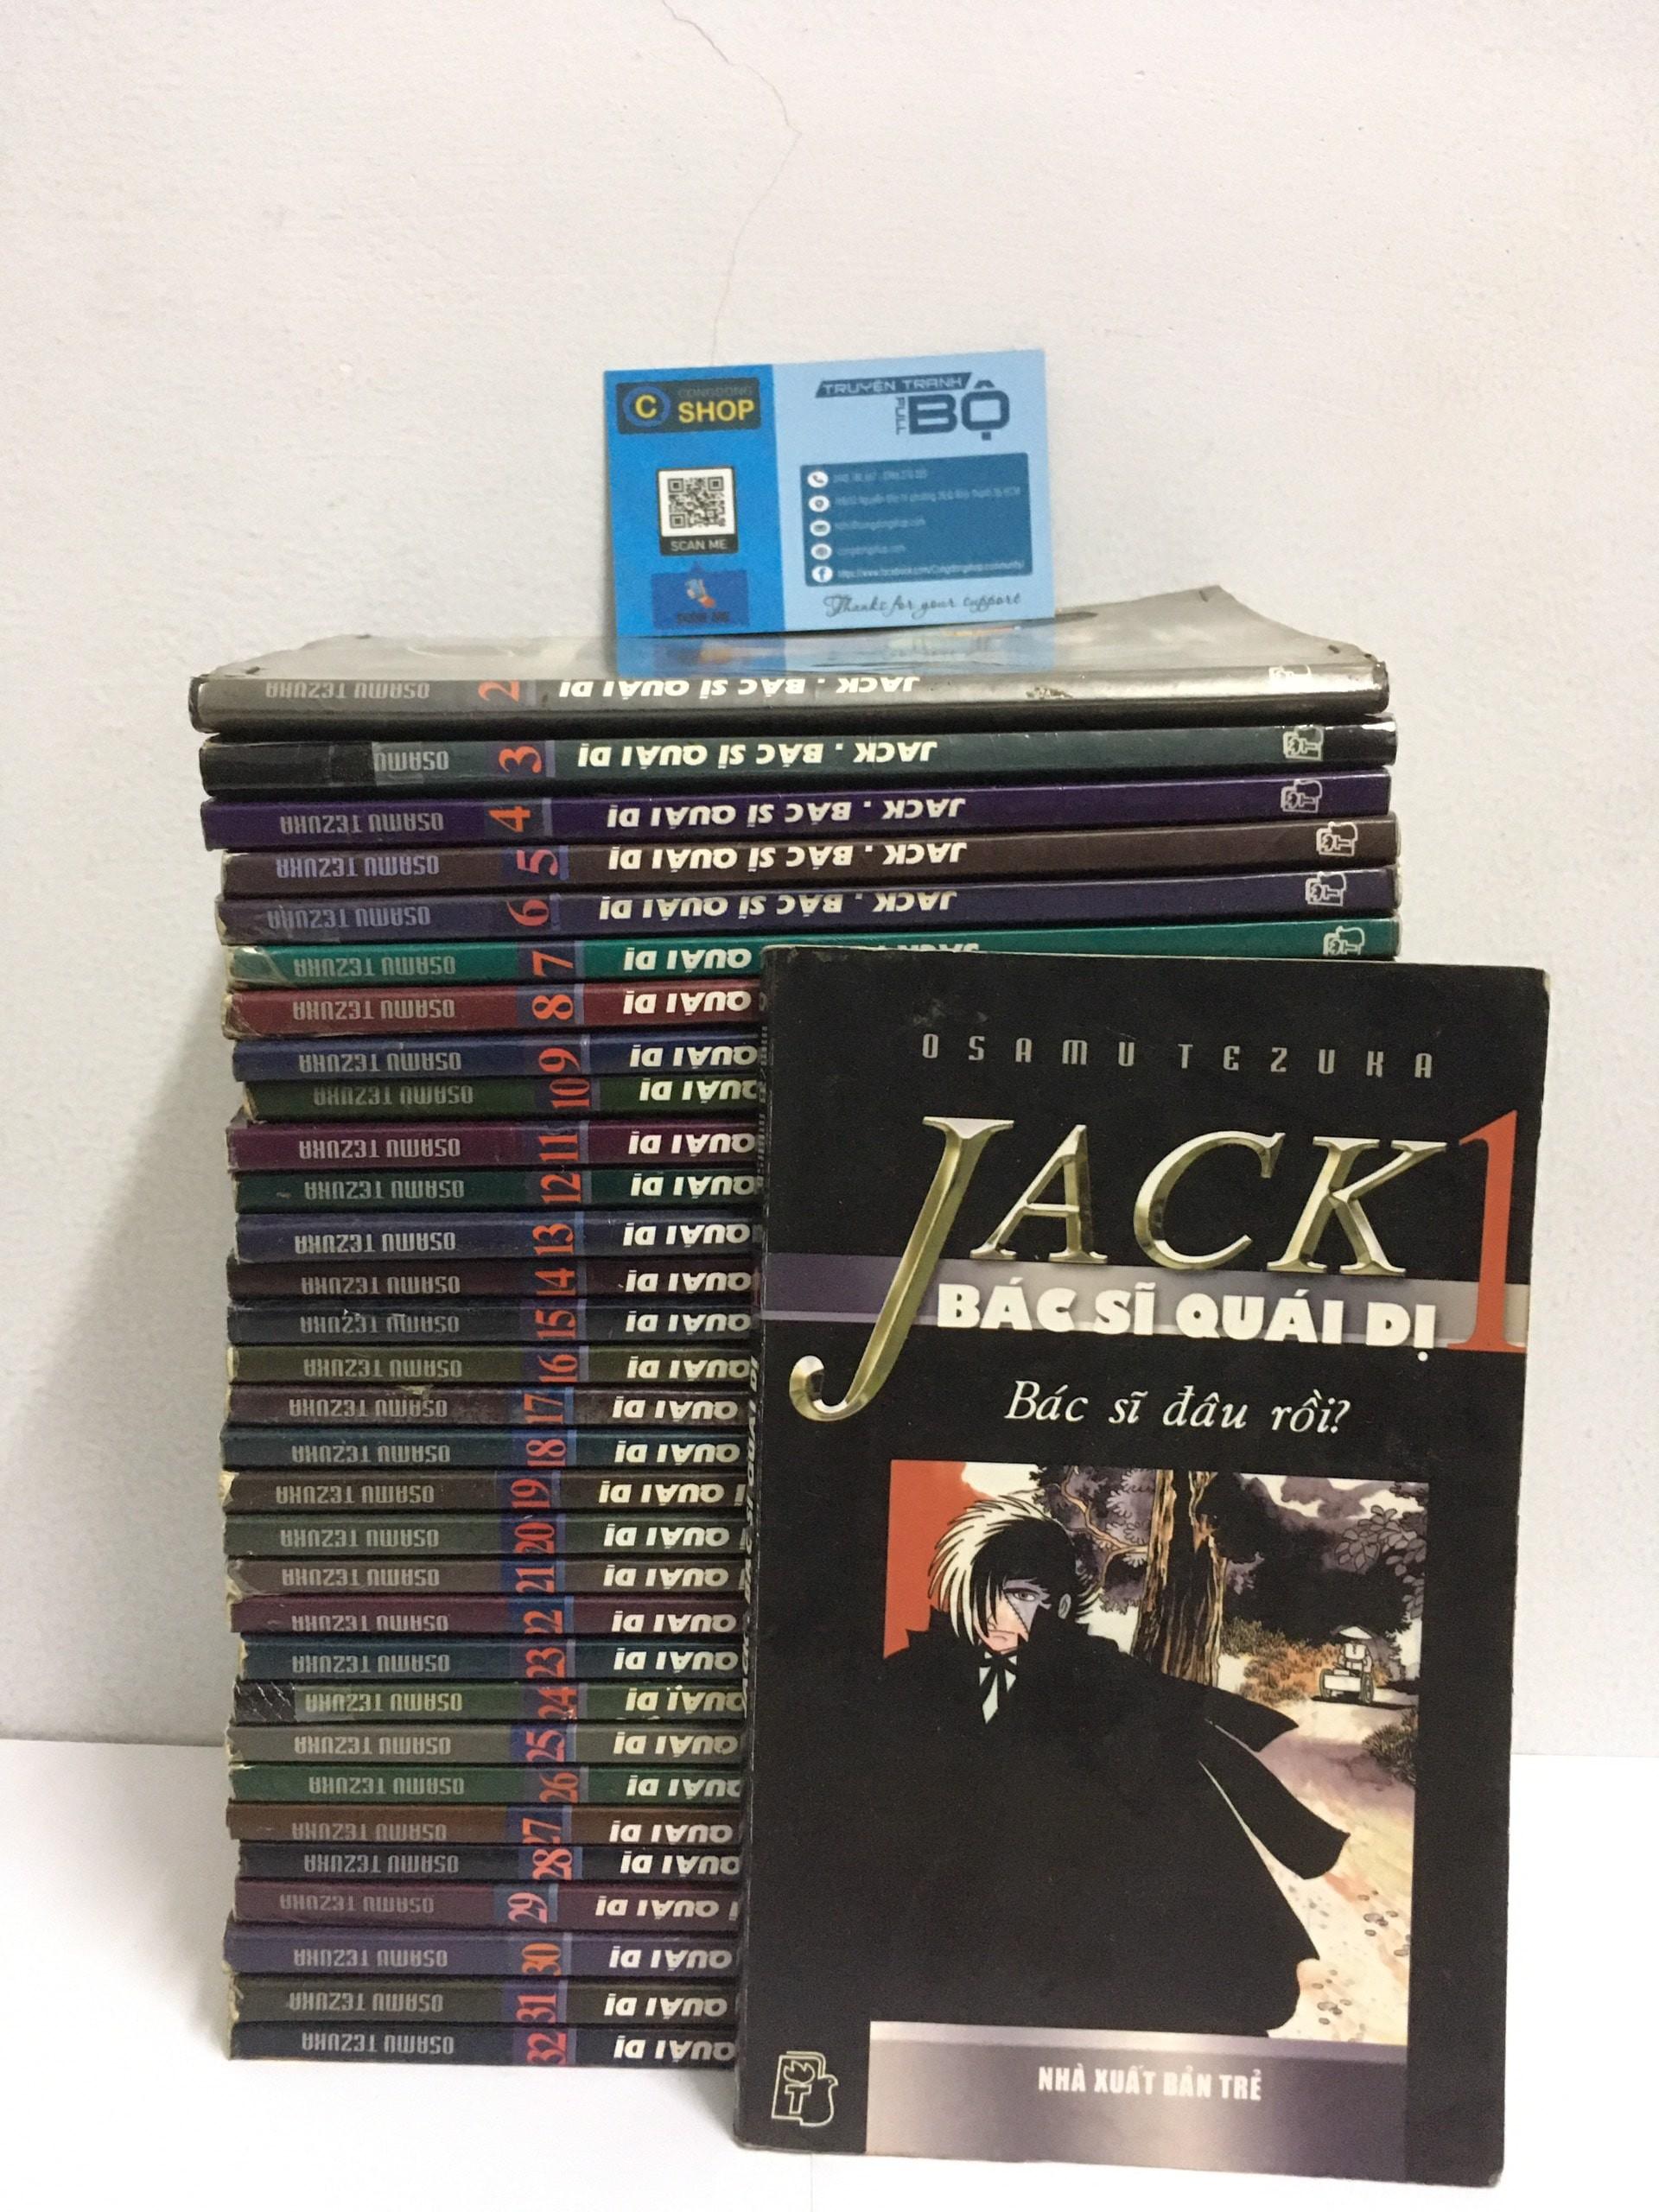 Truyện Black Jack – bác sĩ quái dị bộ 32 tập